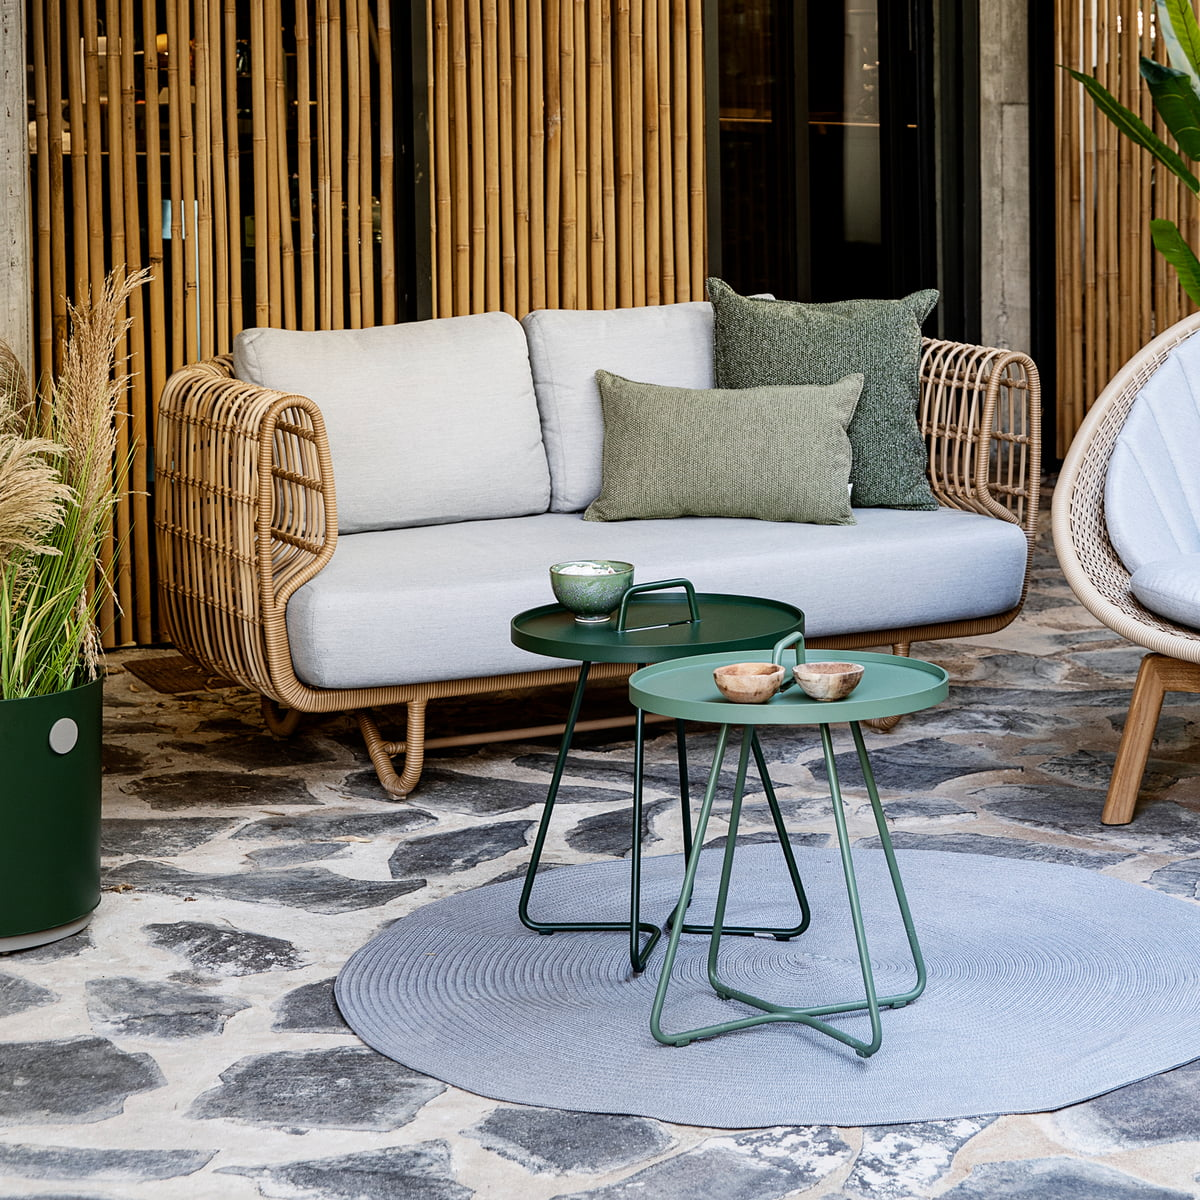 Full Size of Couch Terrasse Nest 2 Sitzer Sofa Outdoor Von Cane Line Connox Wohnzimmer Couch Terrasse